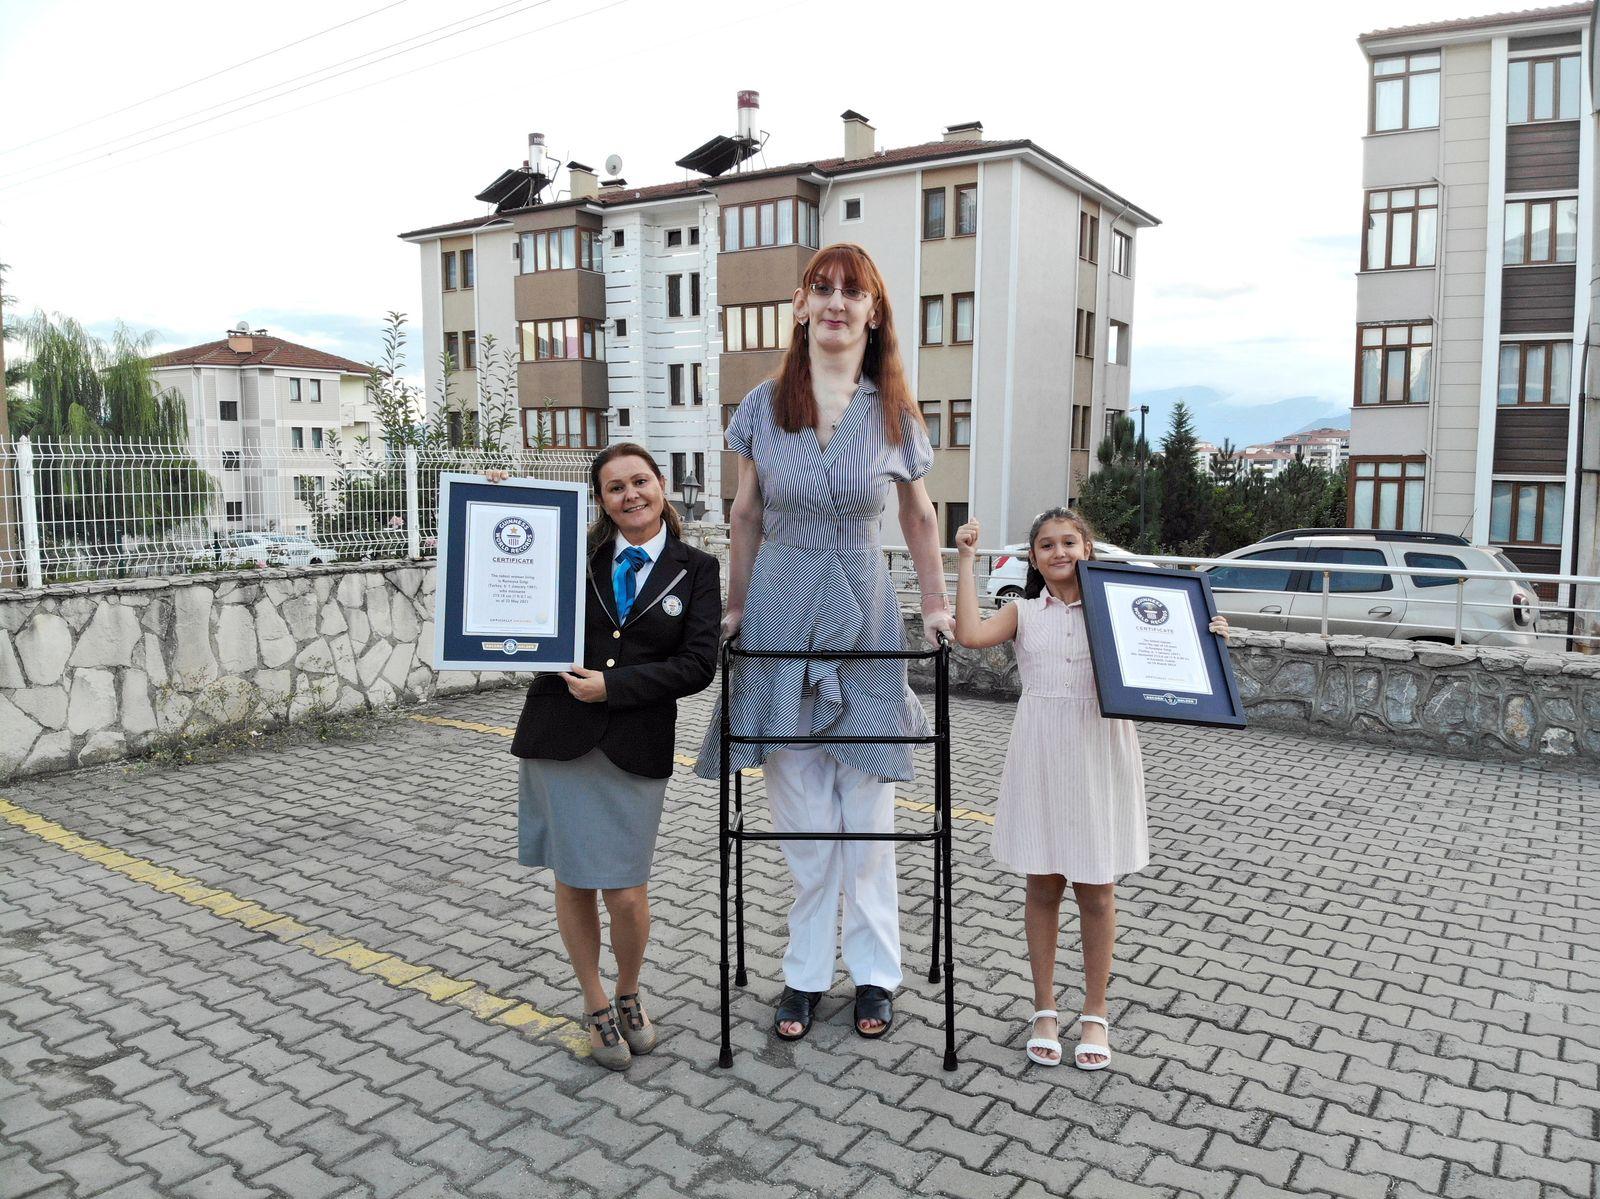 Guinness Buch kürt Türkin zur größten Frau der Welt